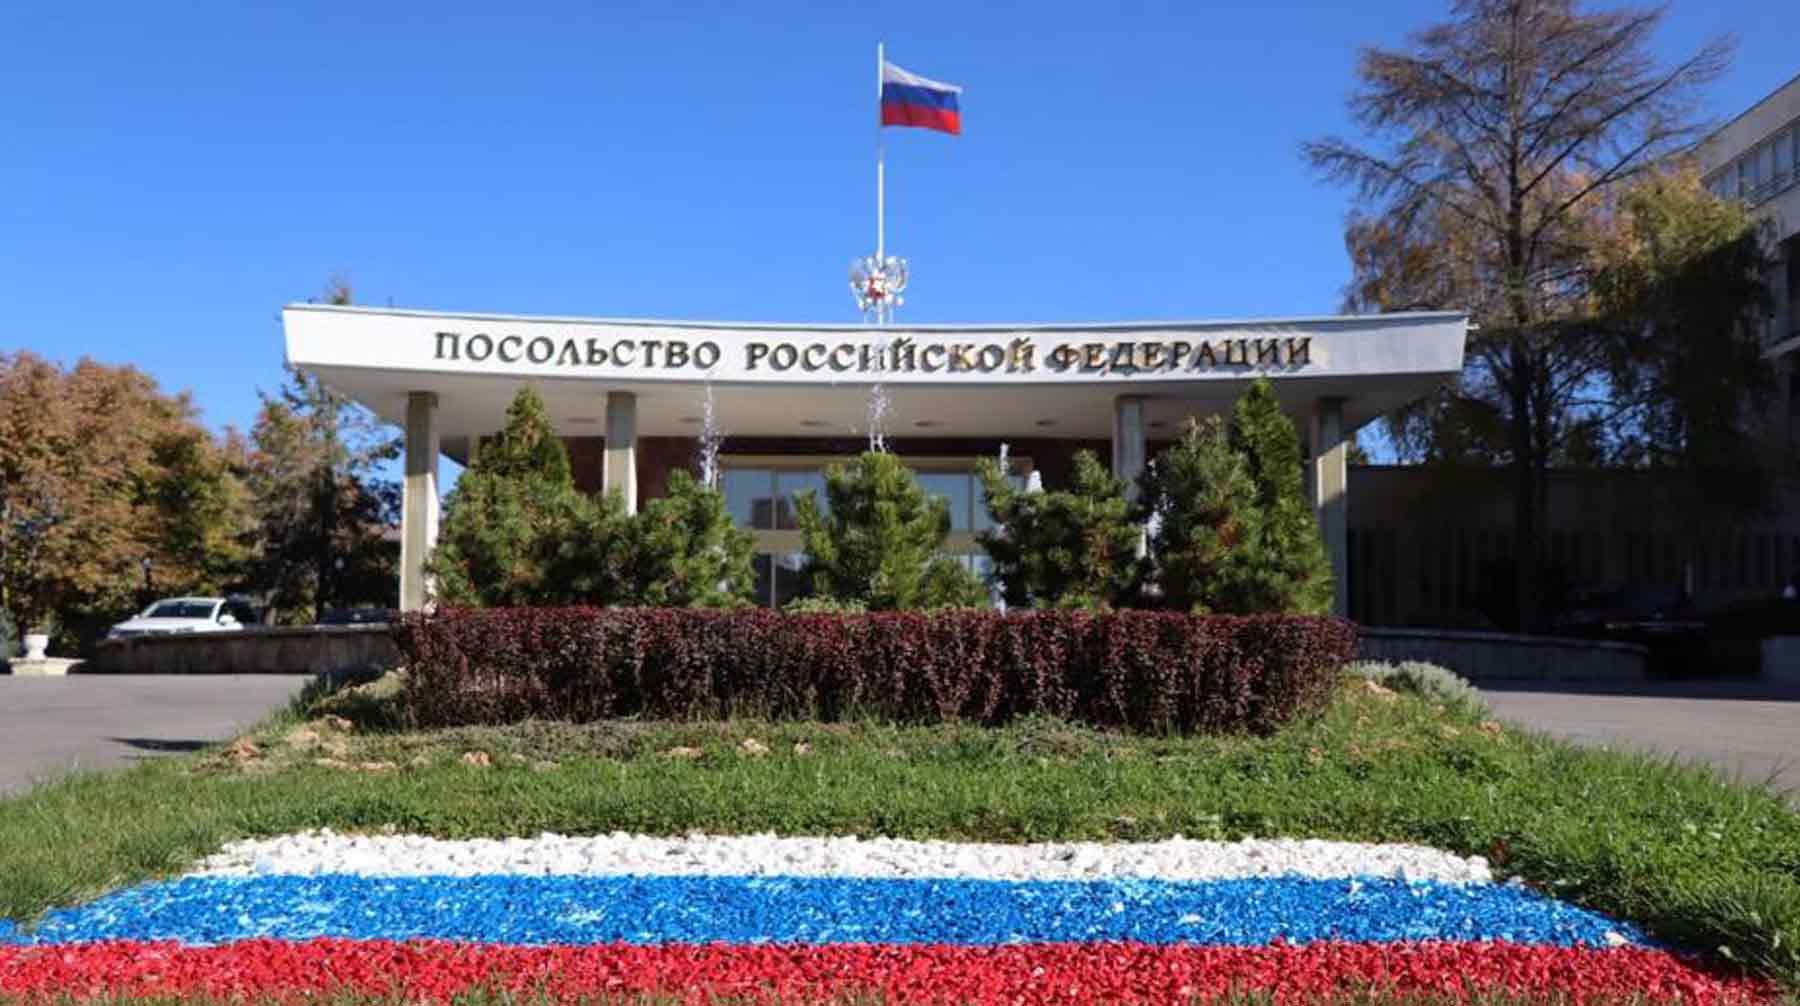 российское посольство в анкаре фото кошек ушной клещ